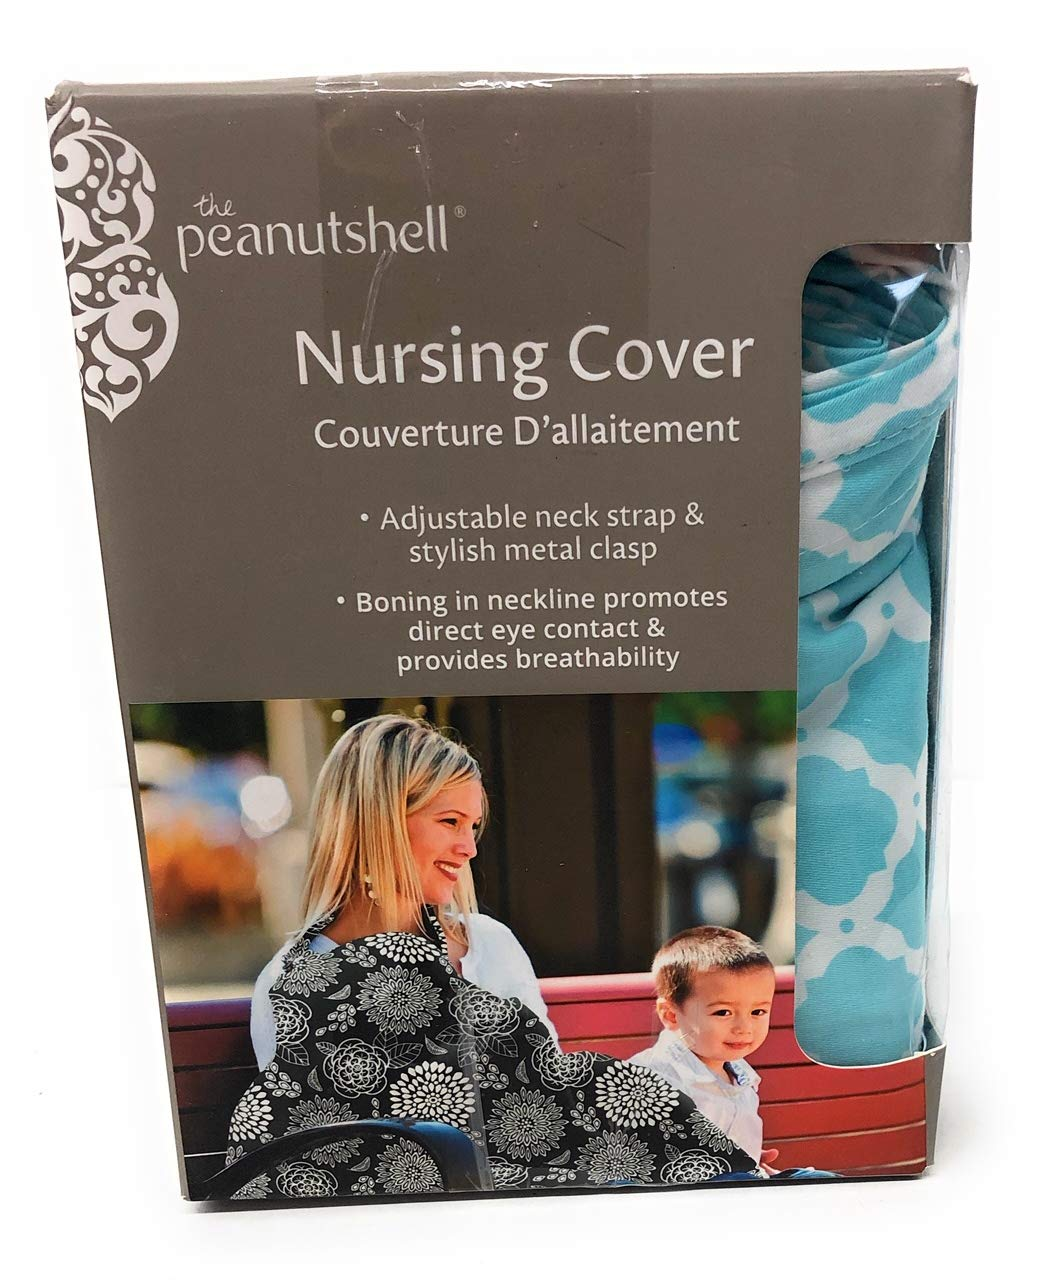 高質で安価 Aqua Morroco Designer Breast by Feeding Nursing B01B8AGDP6 Cover Peanut by The Peanut Shell by The Peanut Shell B01B8AGDP6, 獣医師宿南章の愛情ごはん療法食:251eba0d --- a0267596.xsph.ru